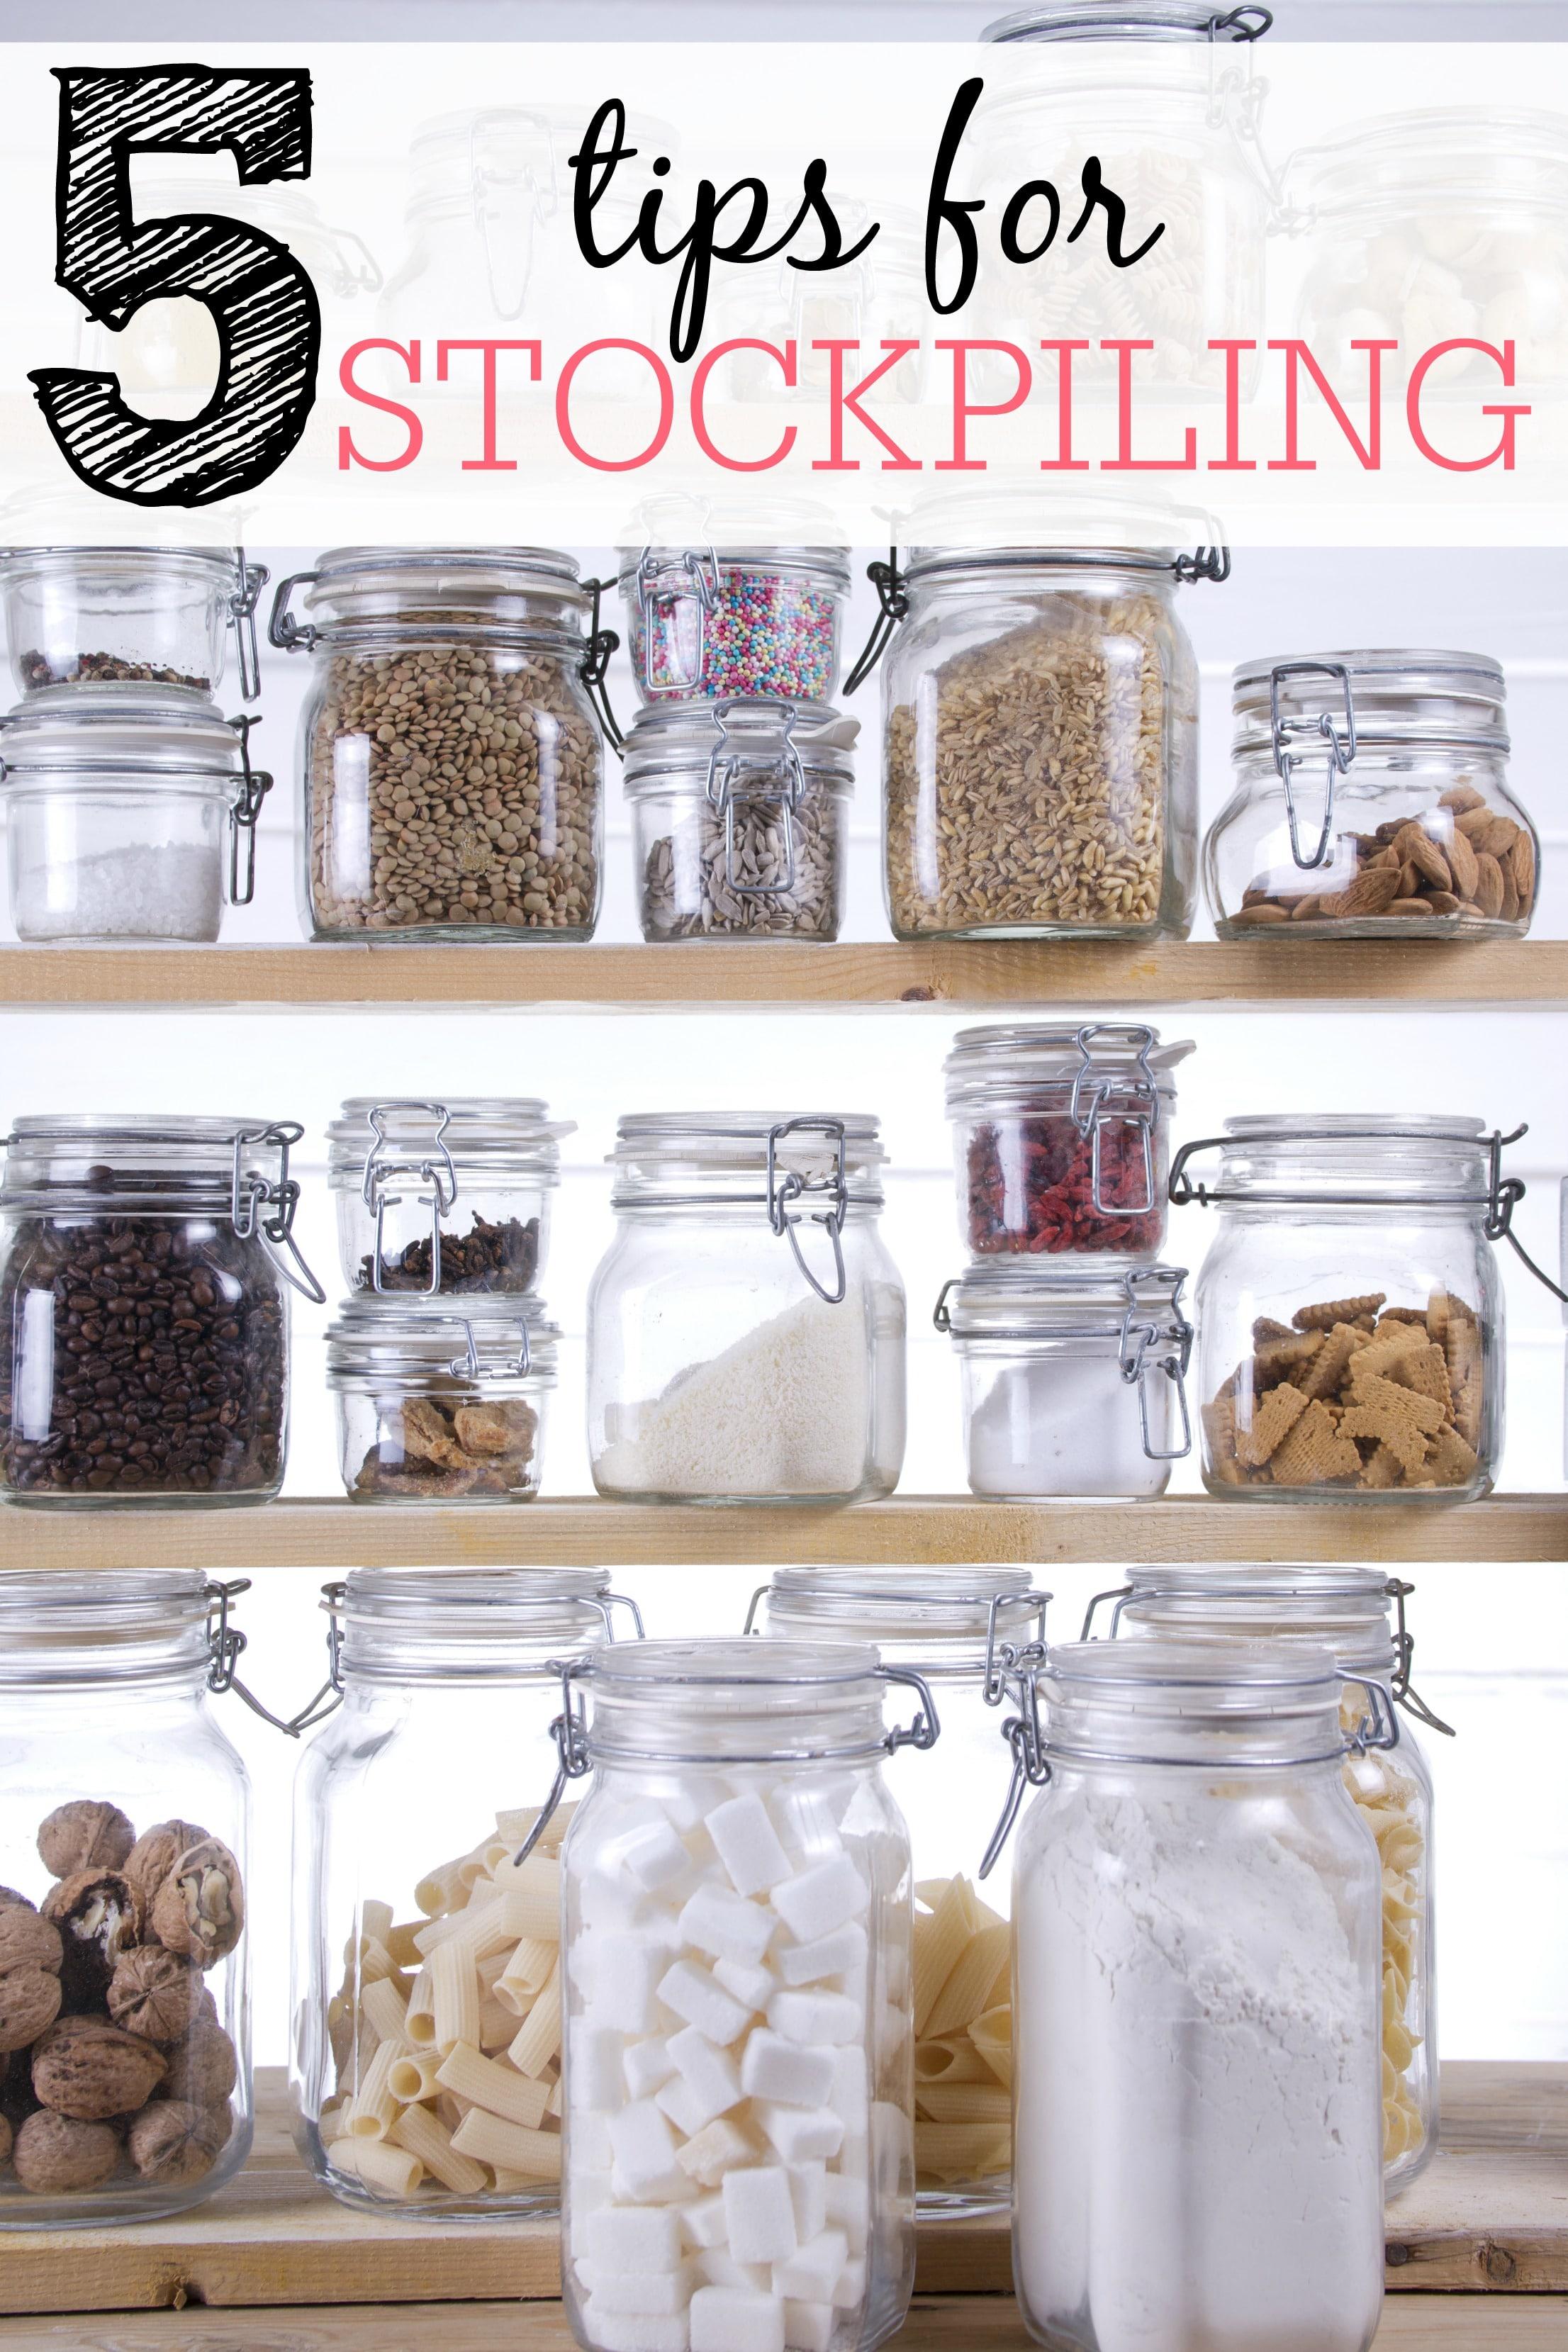 5 Tips for Stockpiling